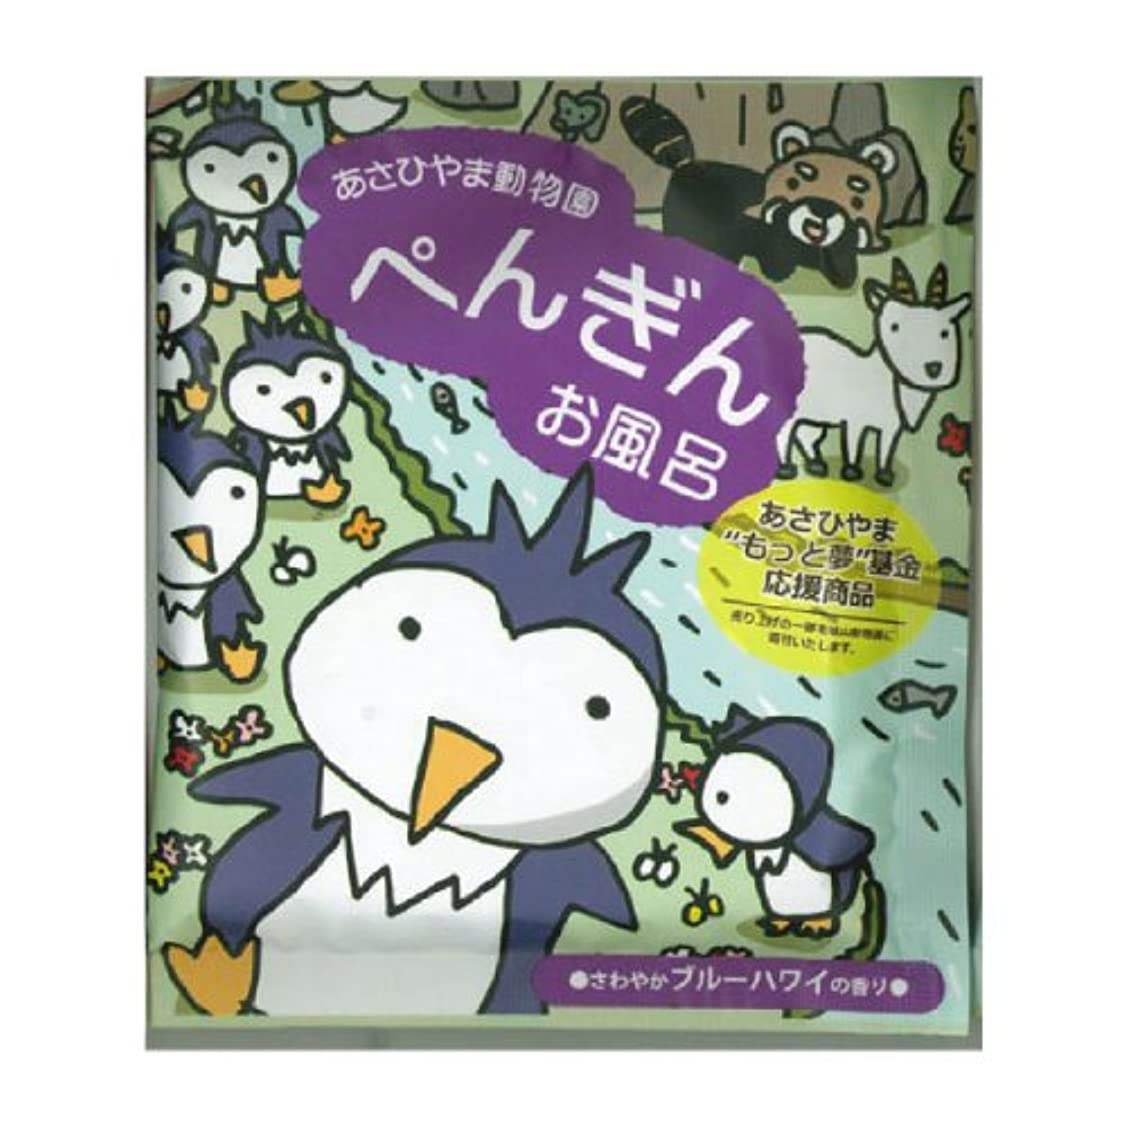 結婚受け入れる動作旭山動物園のお風呂 ペンギン お風呂 50g